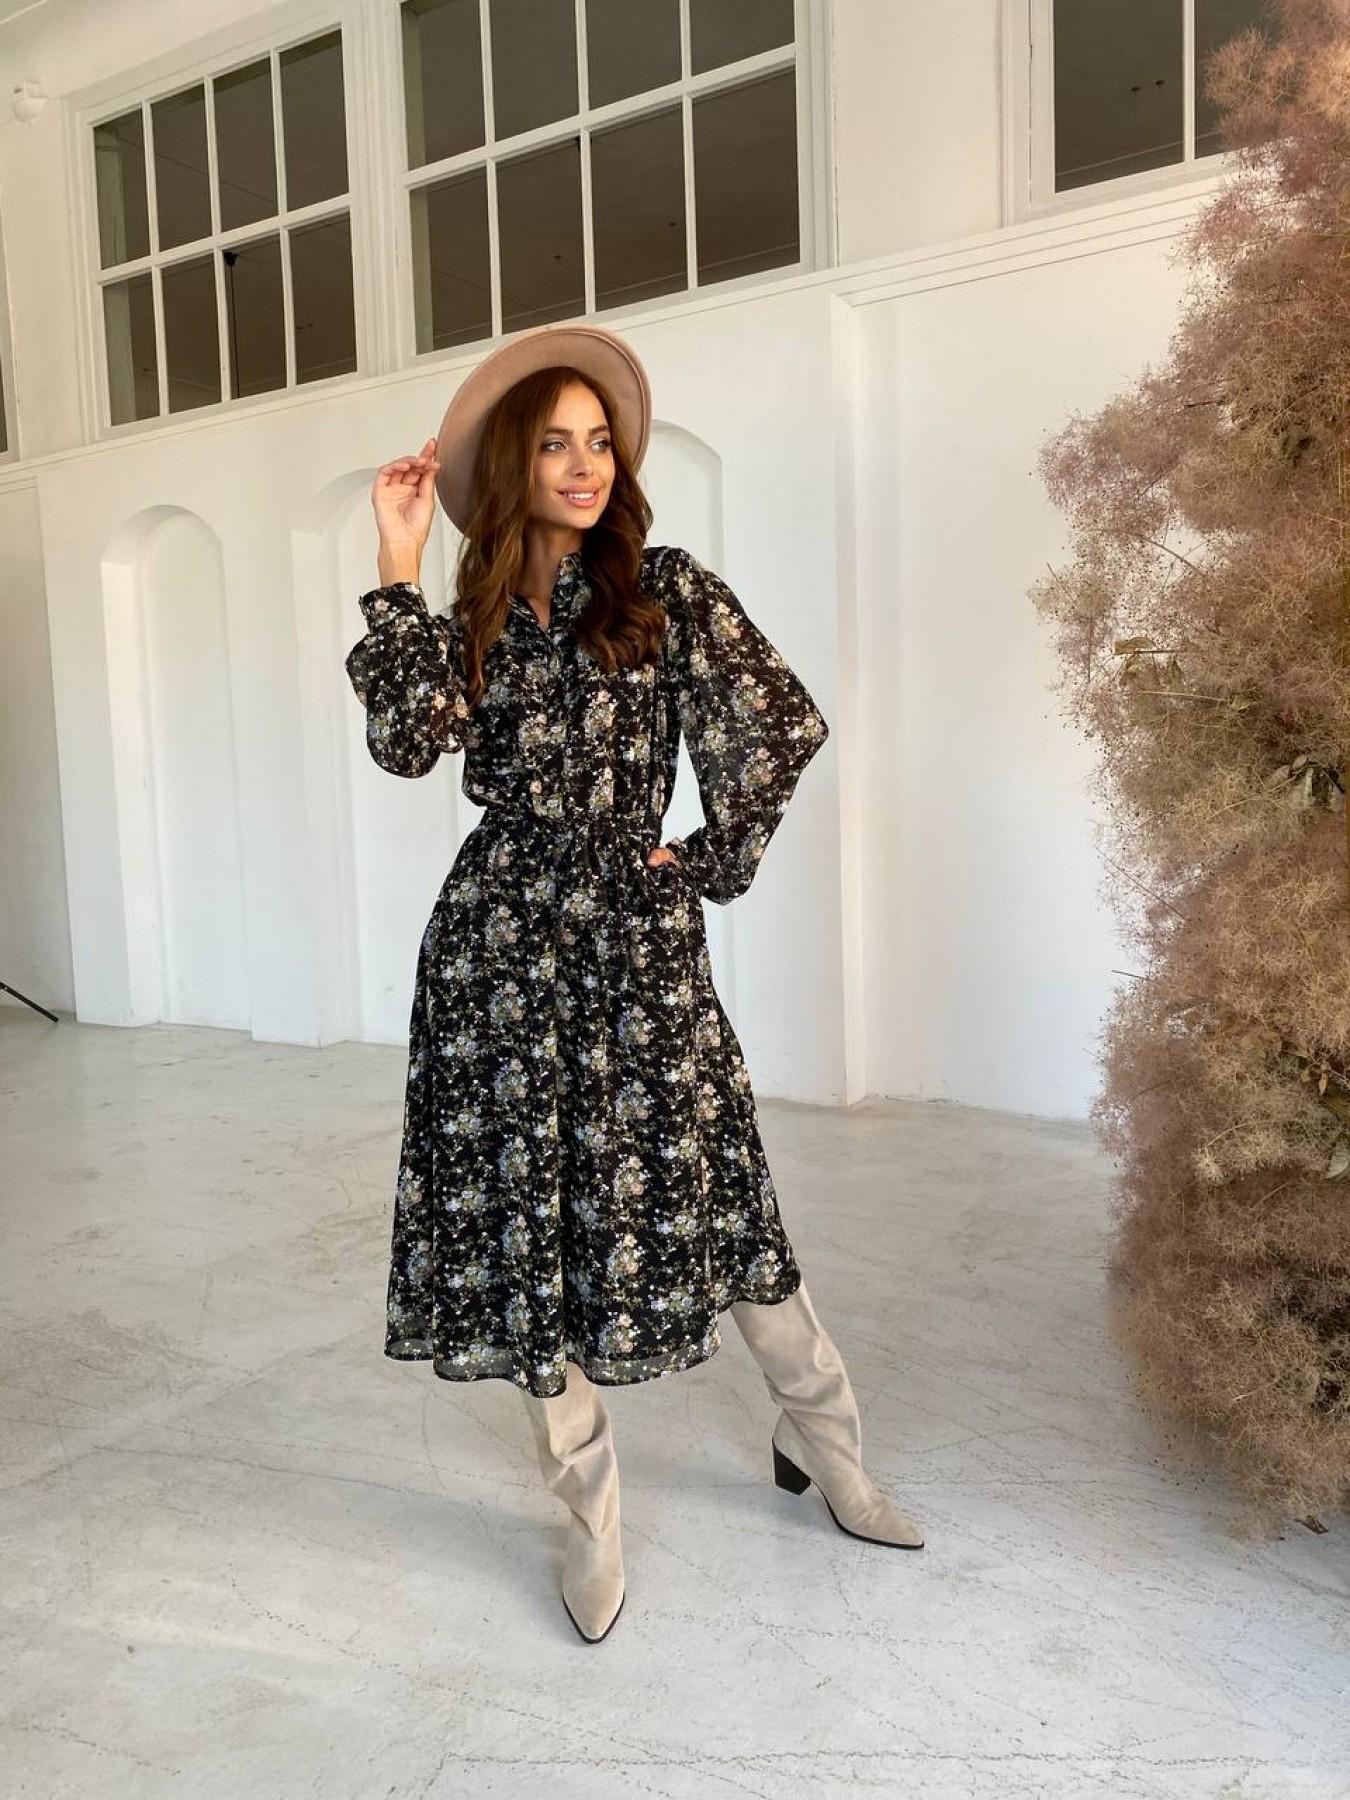 Жасмин платье из  шифона микро принт с длинным рукавом не стрейч 11685  АРТ. 48424 Цвет: Черный/беж/голубой/БукетЦв - фото 5, интернет магазин tm-modus.ru